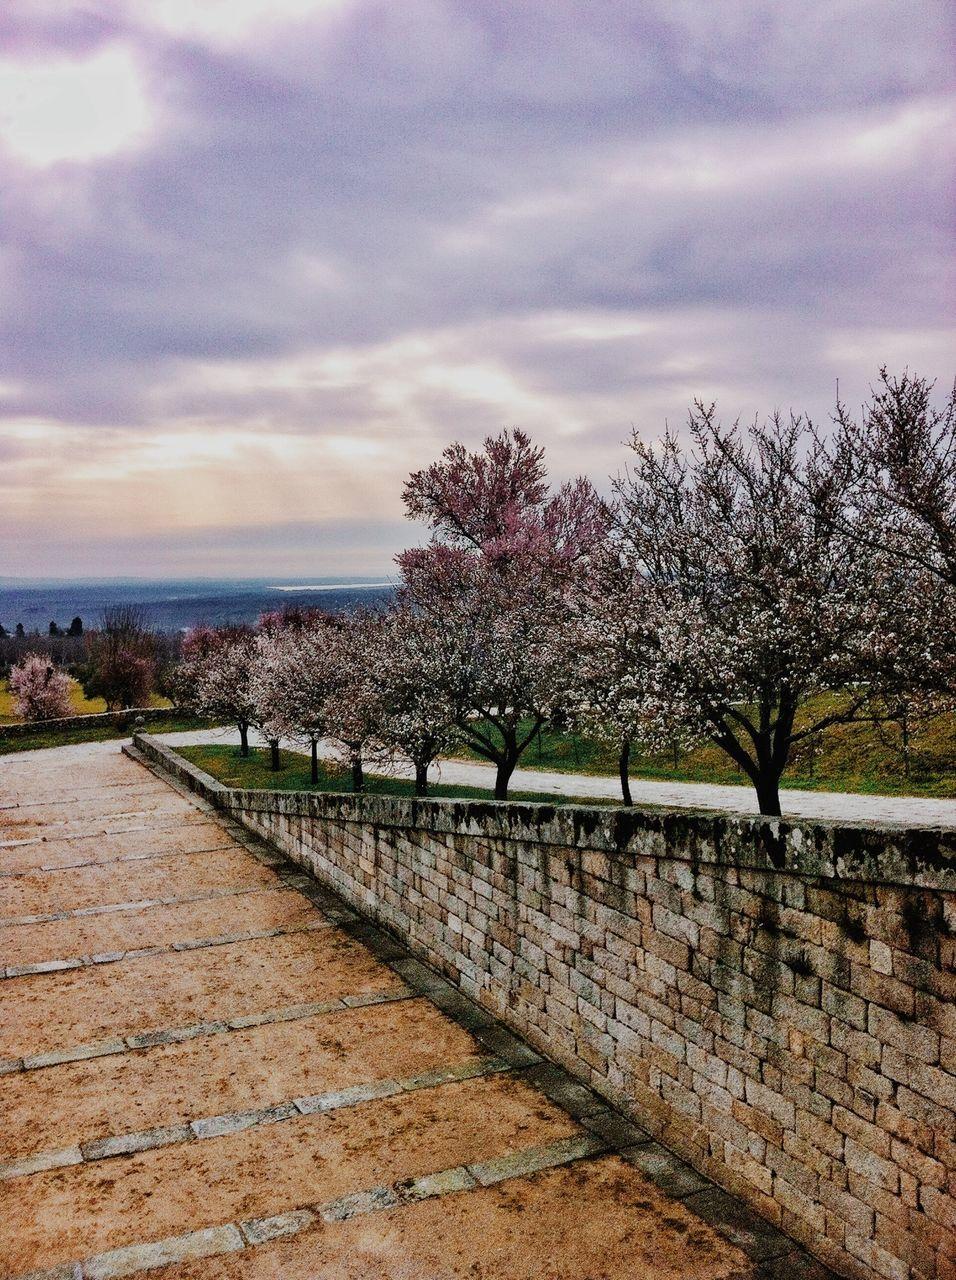 Treelined Path In Park